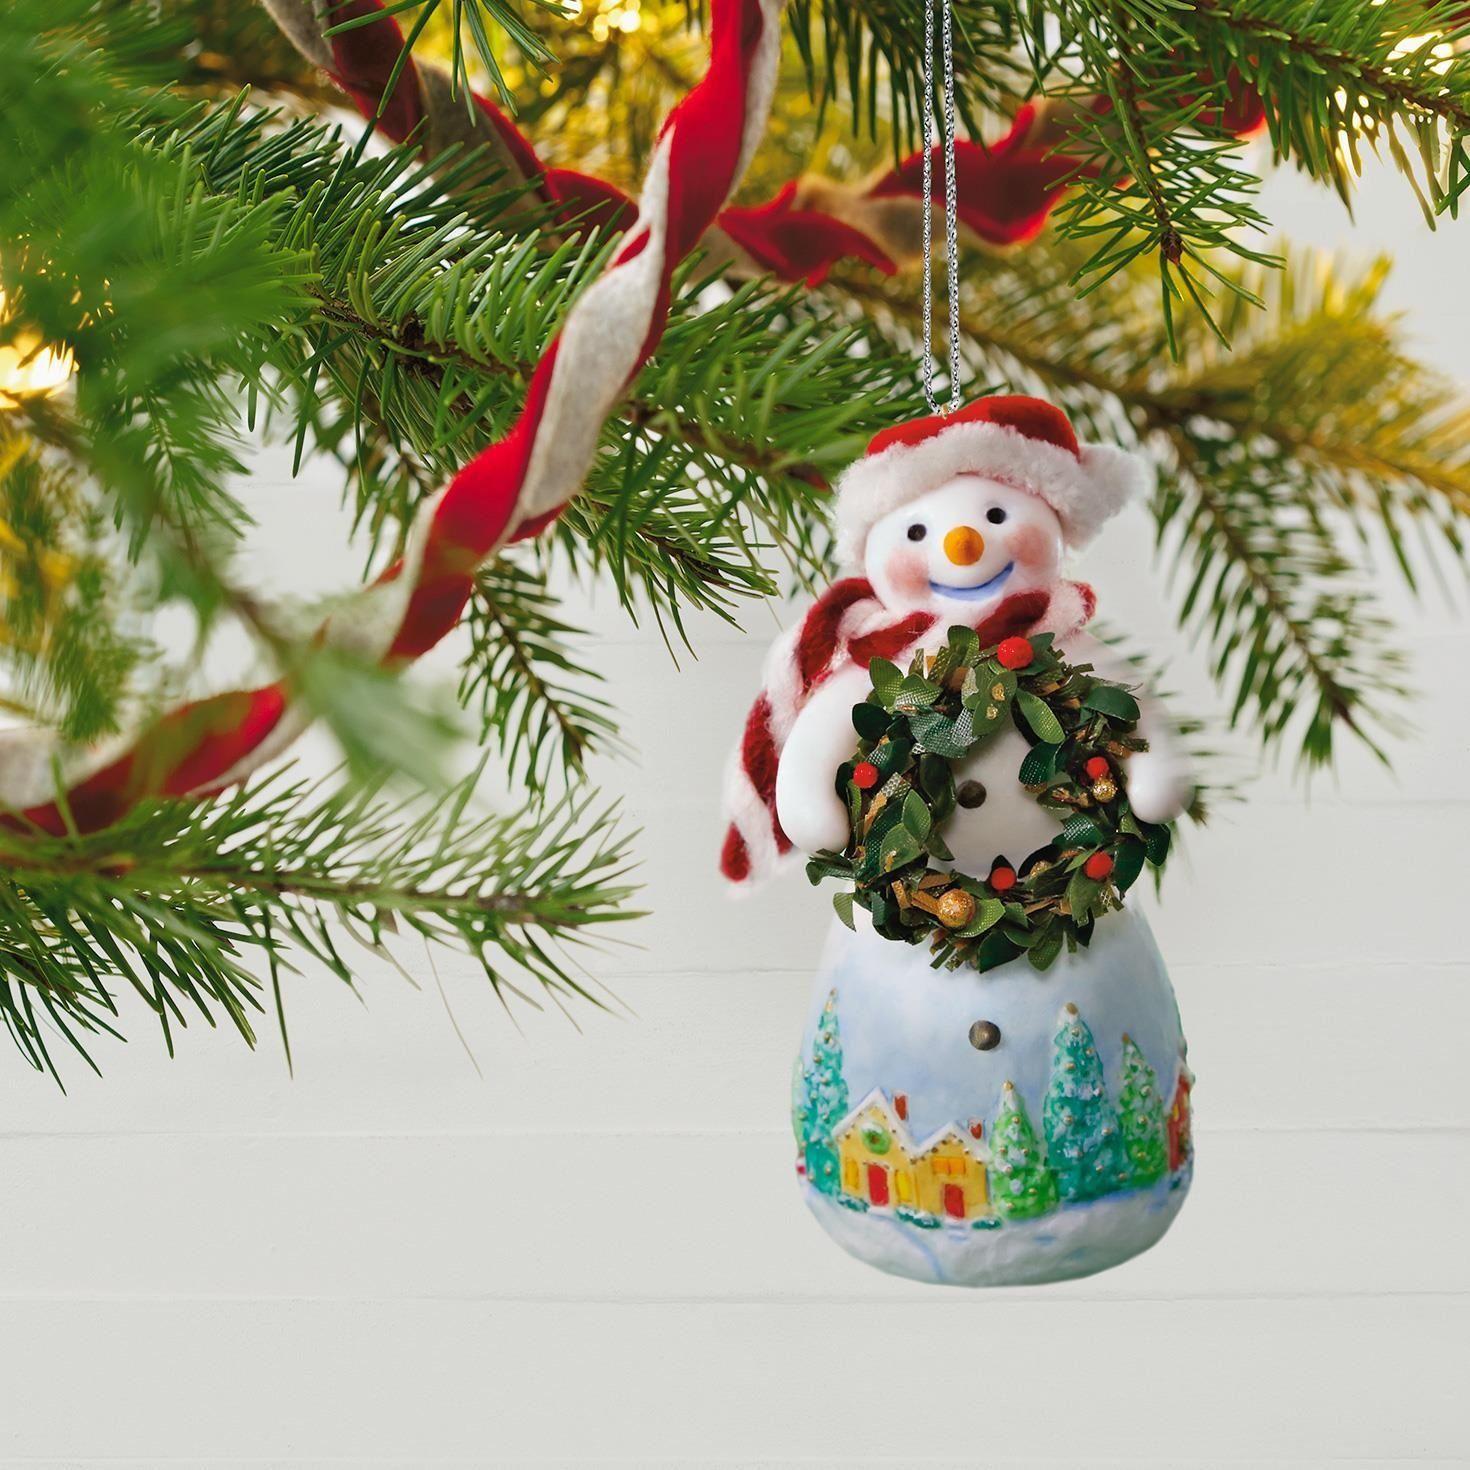 Hallmark Snowman Ornaments Comfy Christmas